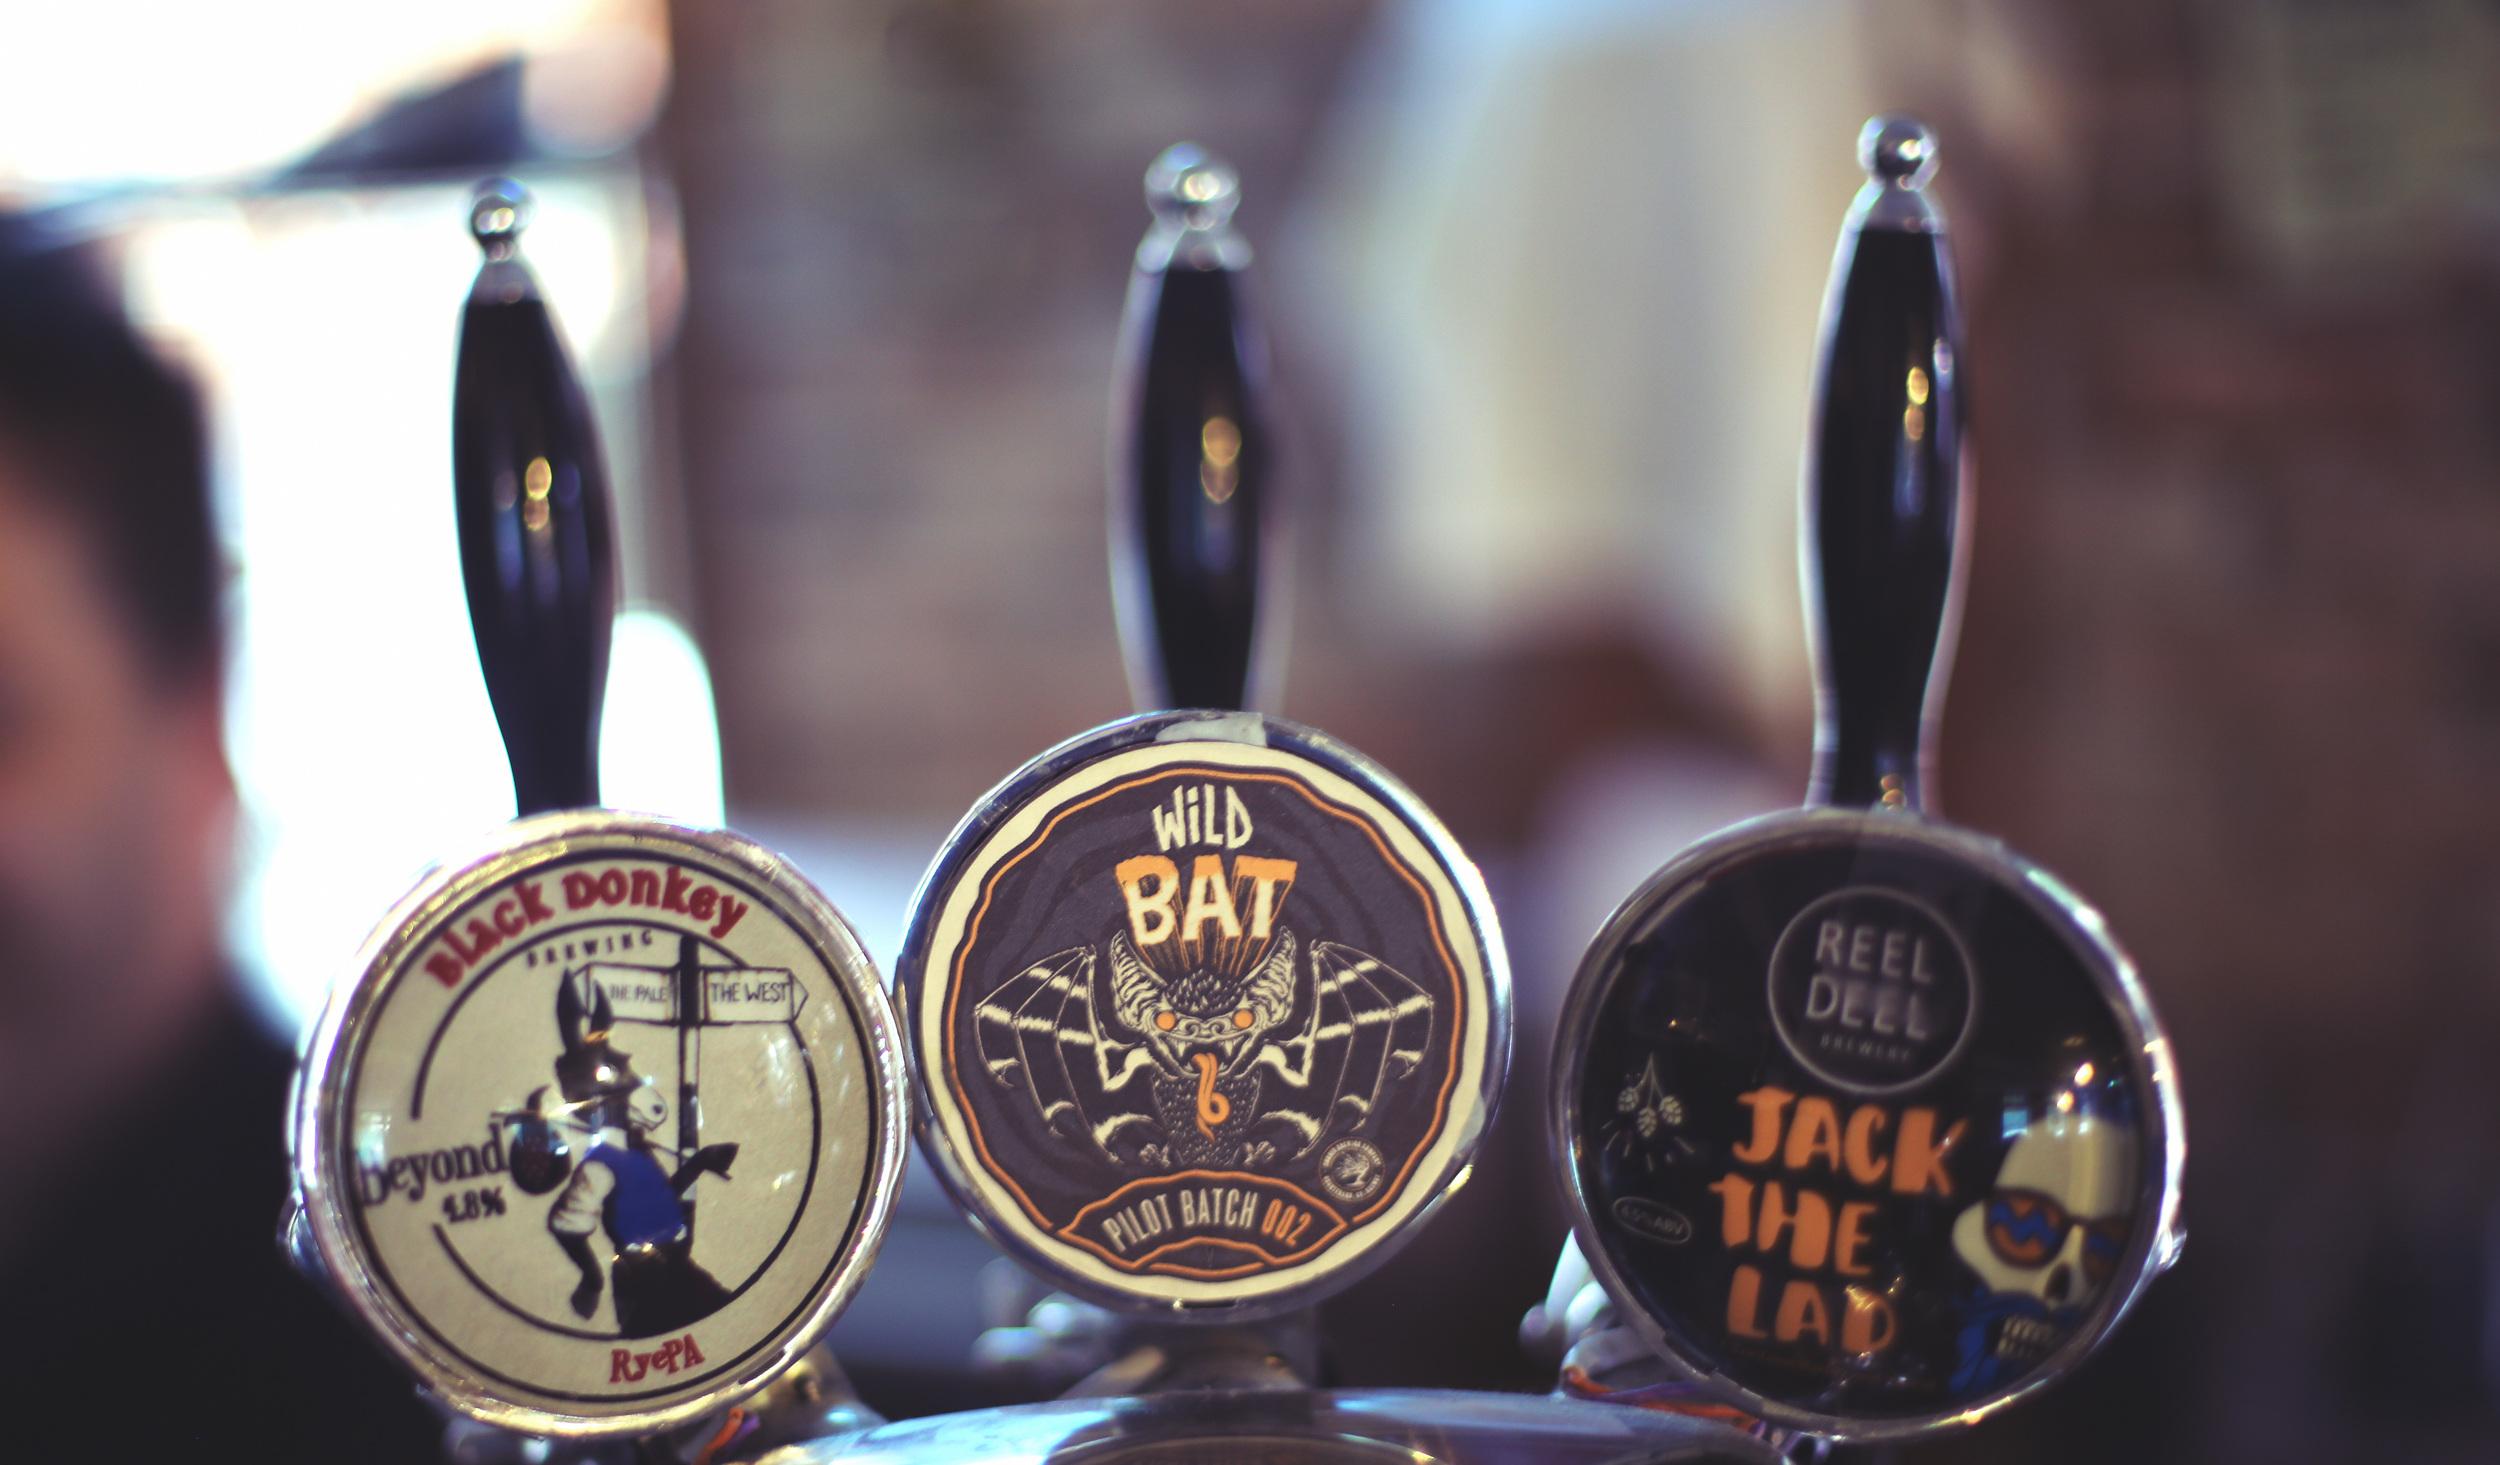 Beer Taps cropped.jpg